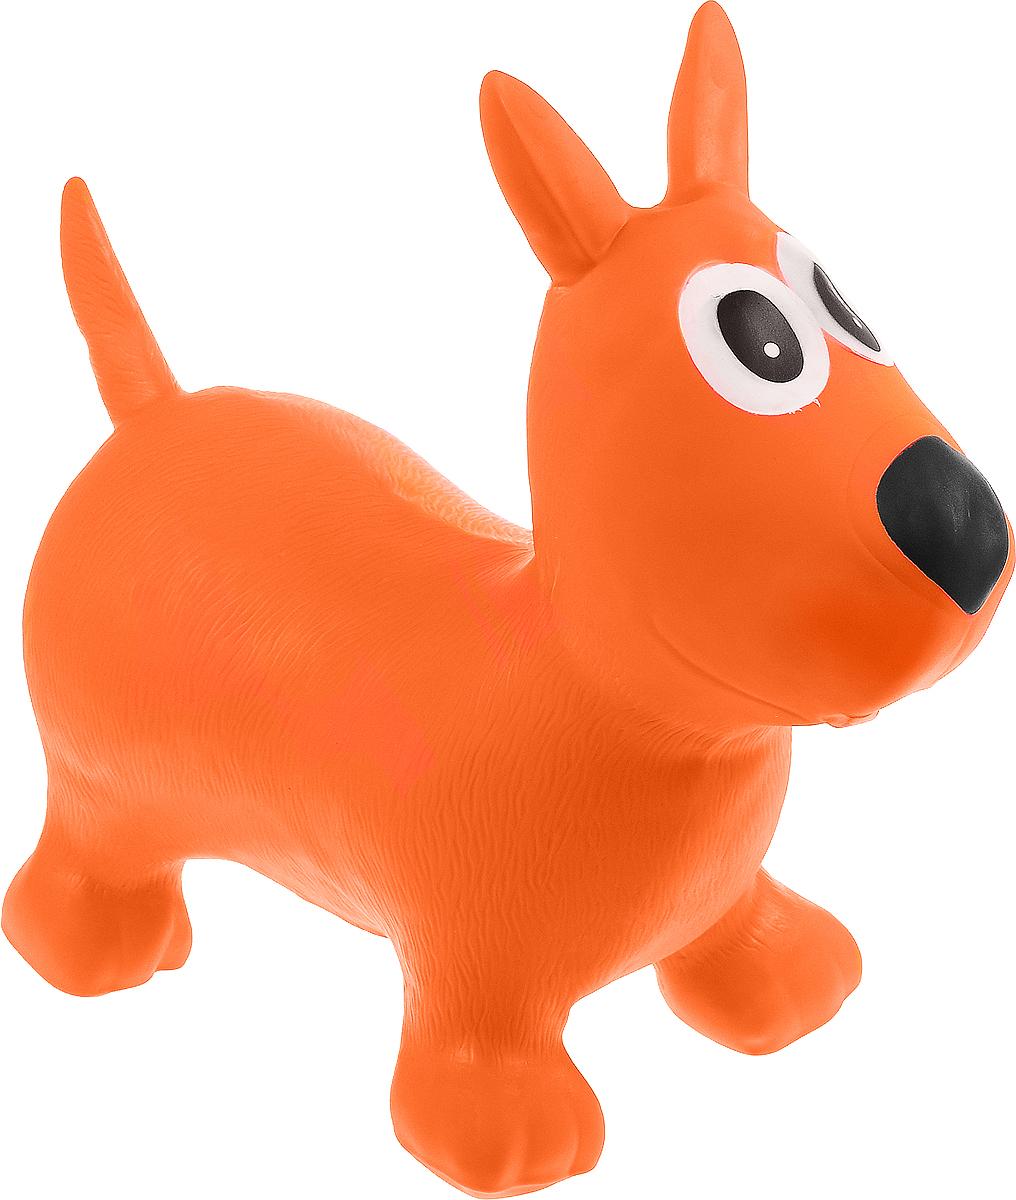 Altacto Игрушка-попрыгун Щенок цвет оранжевый ( ALT1802-020_оранжевый )